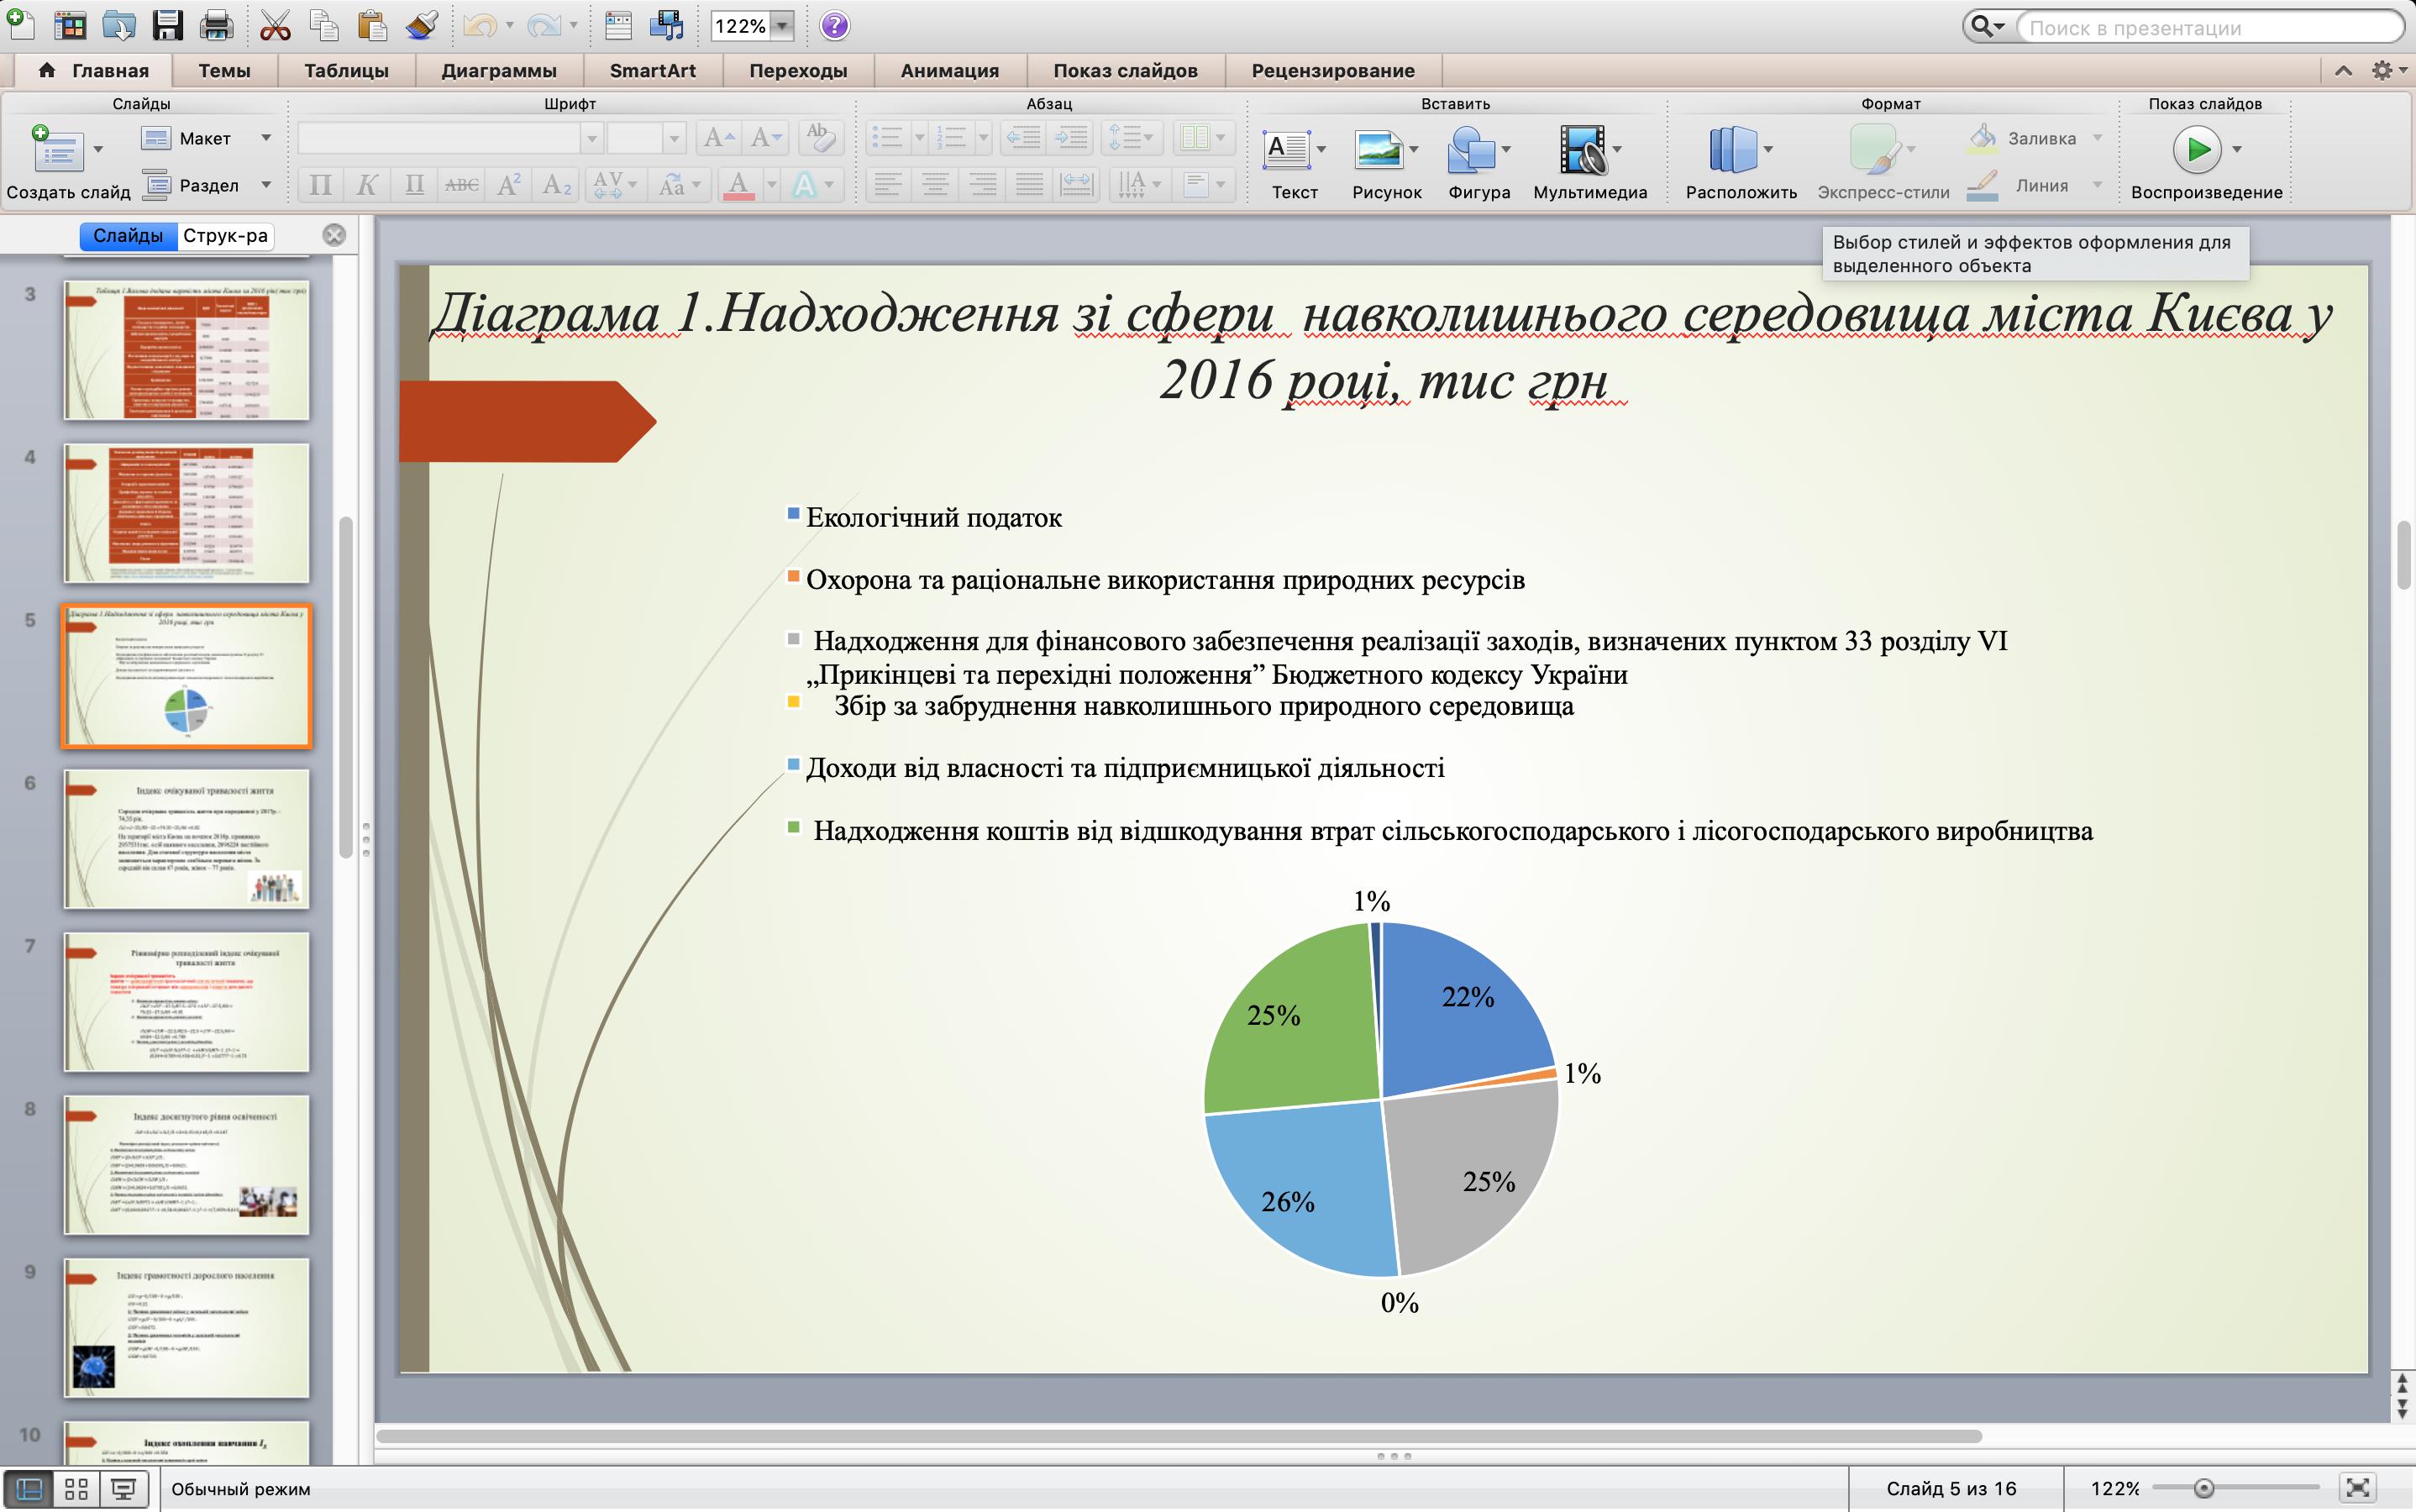 Фото -Поиск информации -Создание презентации -Оформление и дизайн -Составление таблиц, диаграмм, графиков и SmartArt